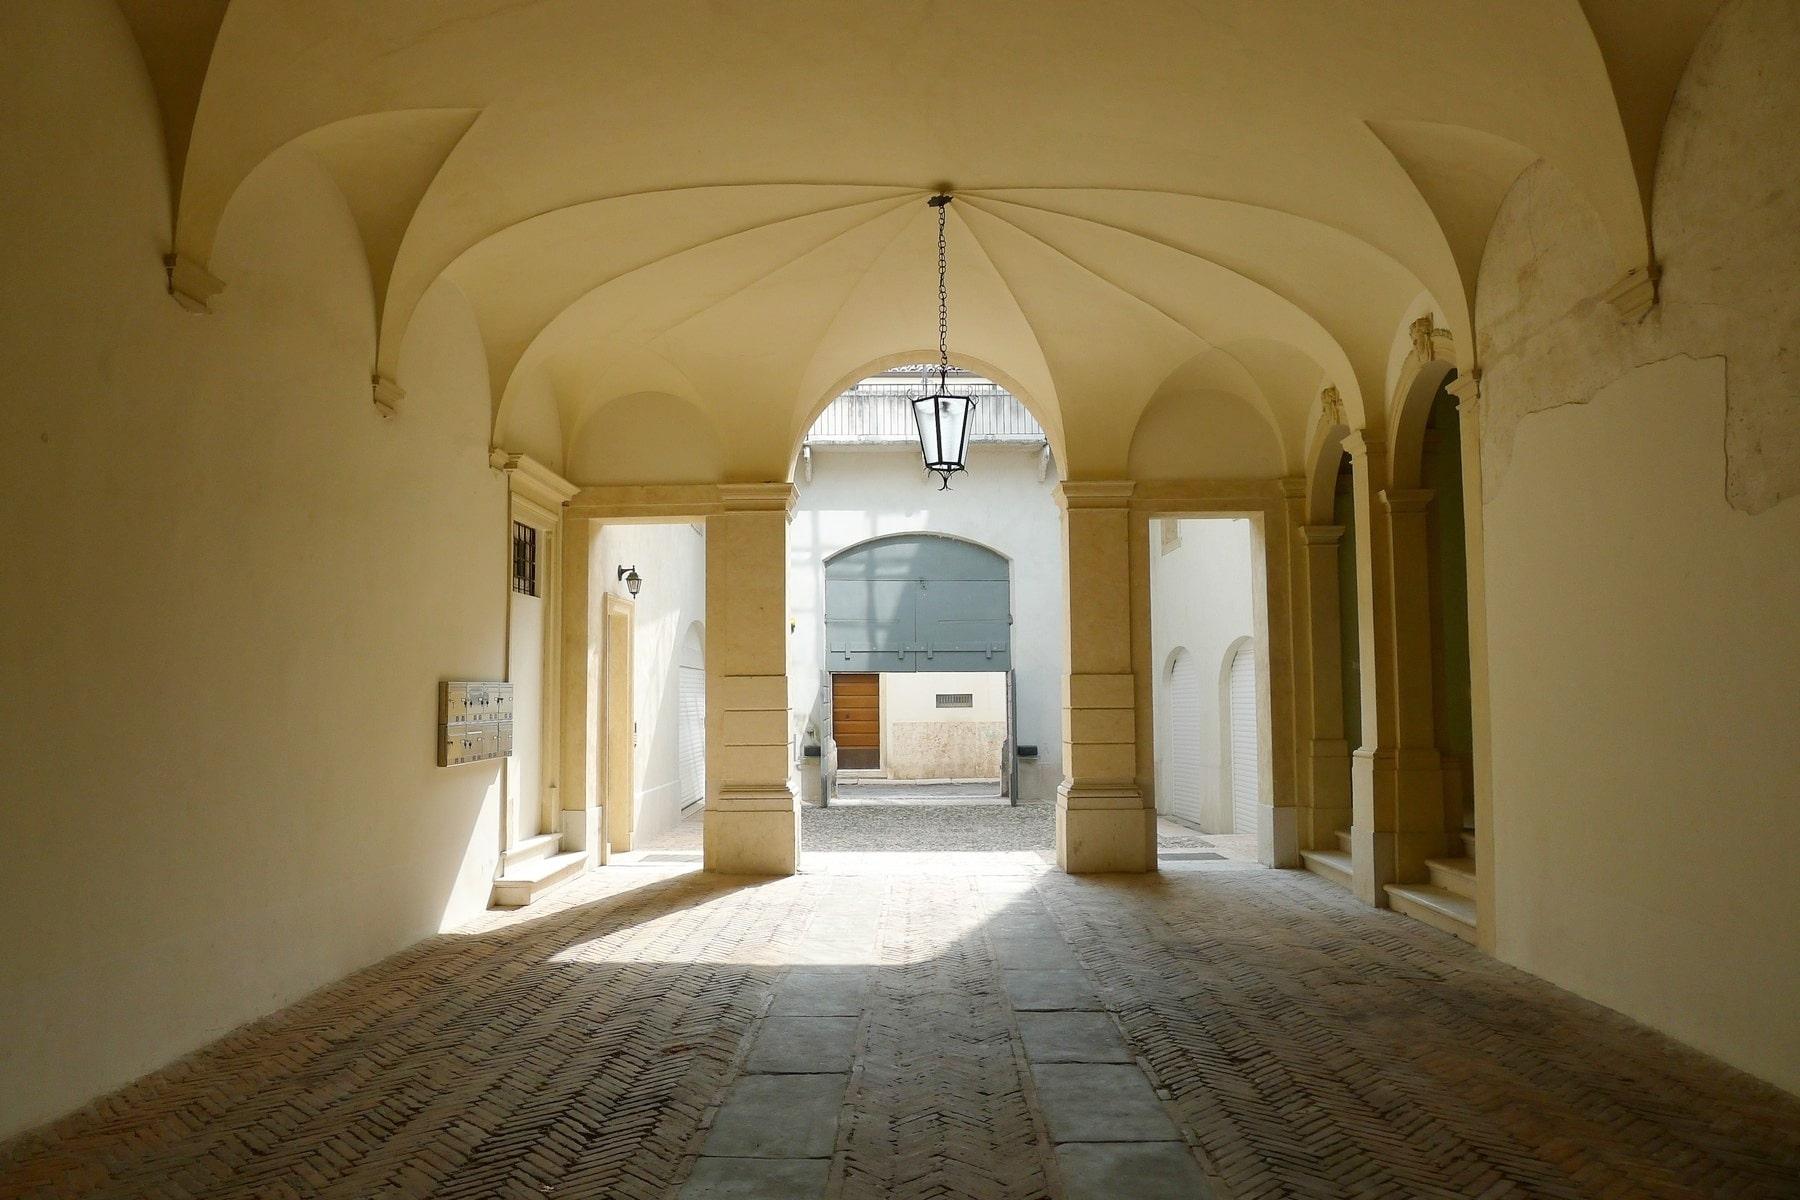 Ufficio-studio in Vendita a Verona: 5 locali, 615 mq - Foto 18